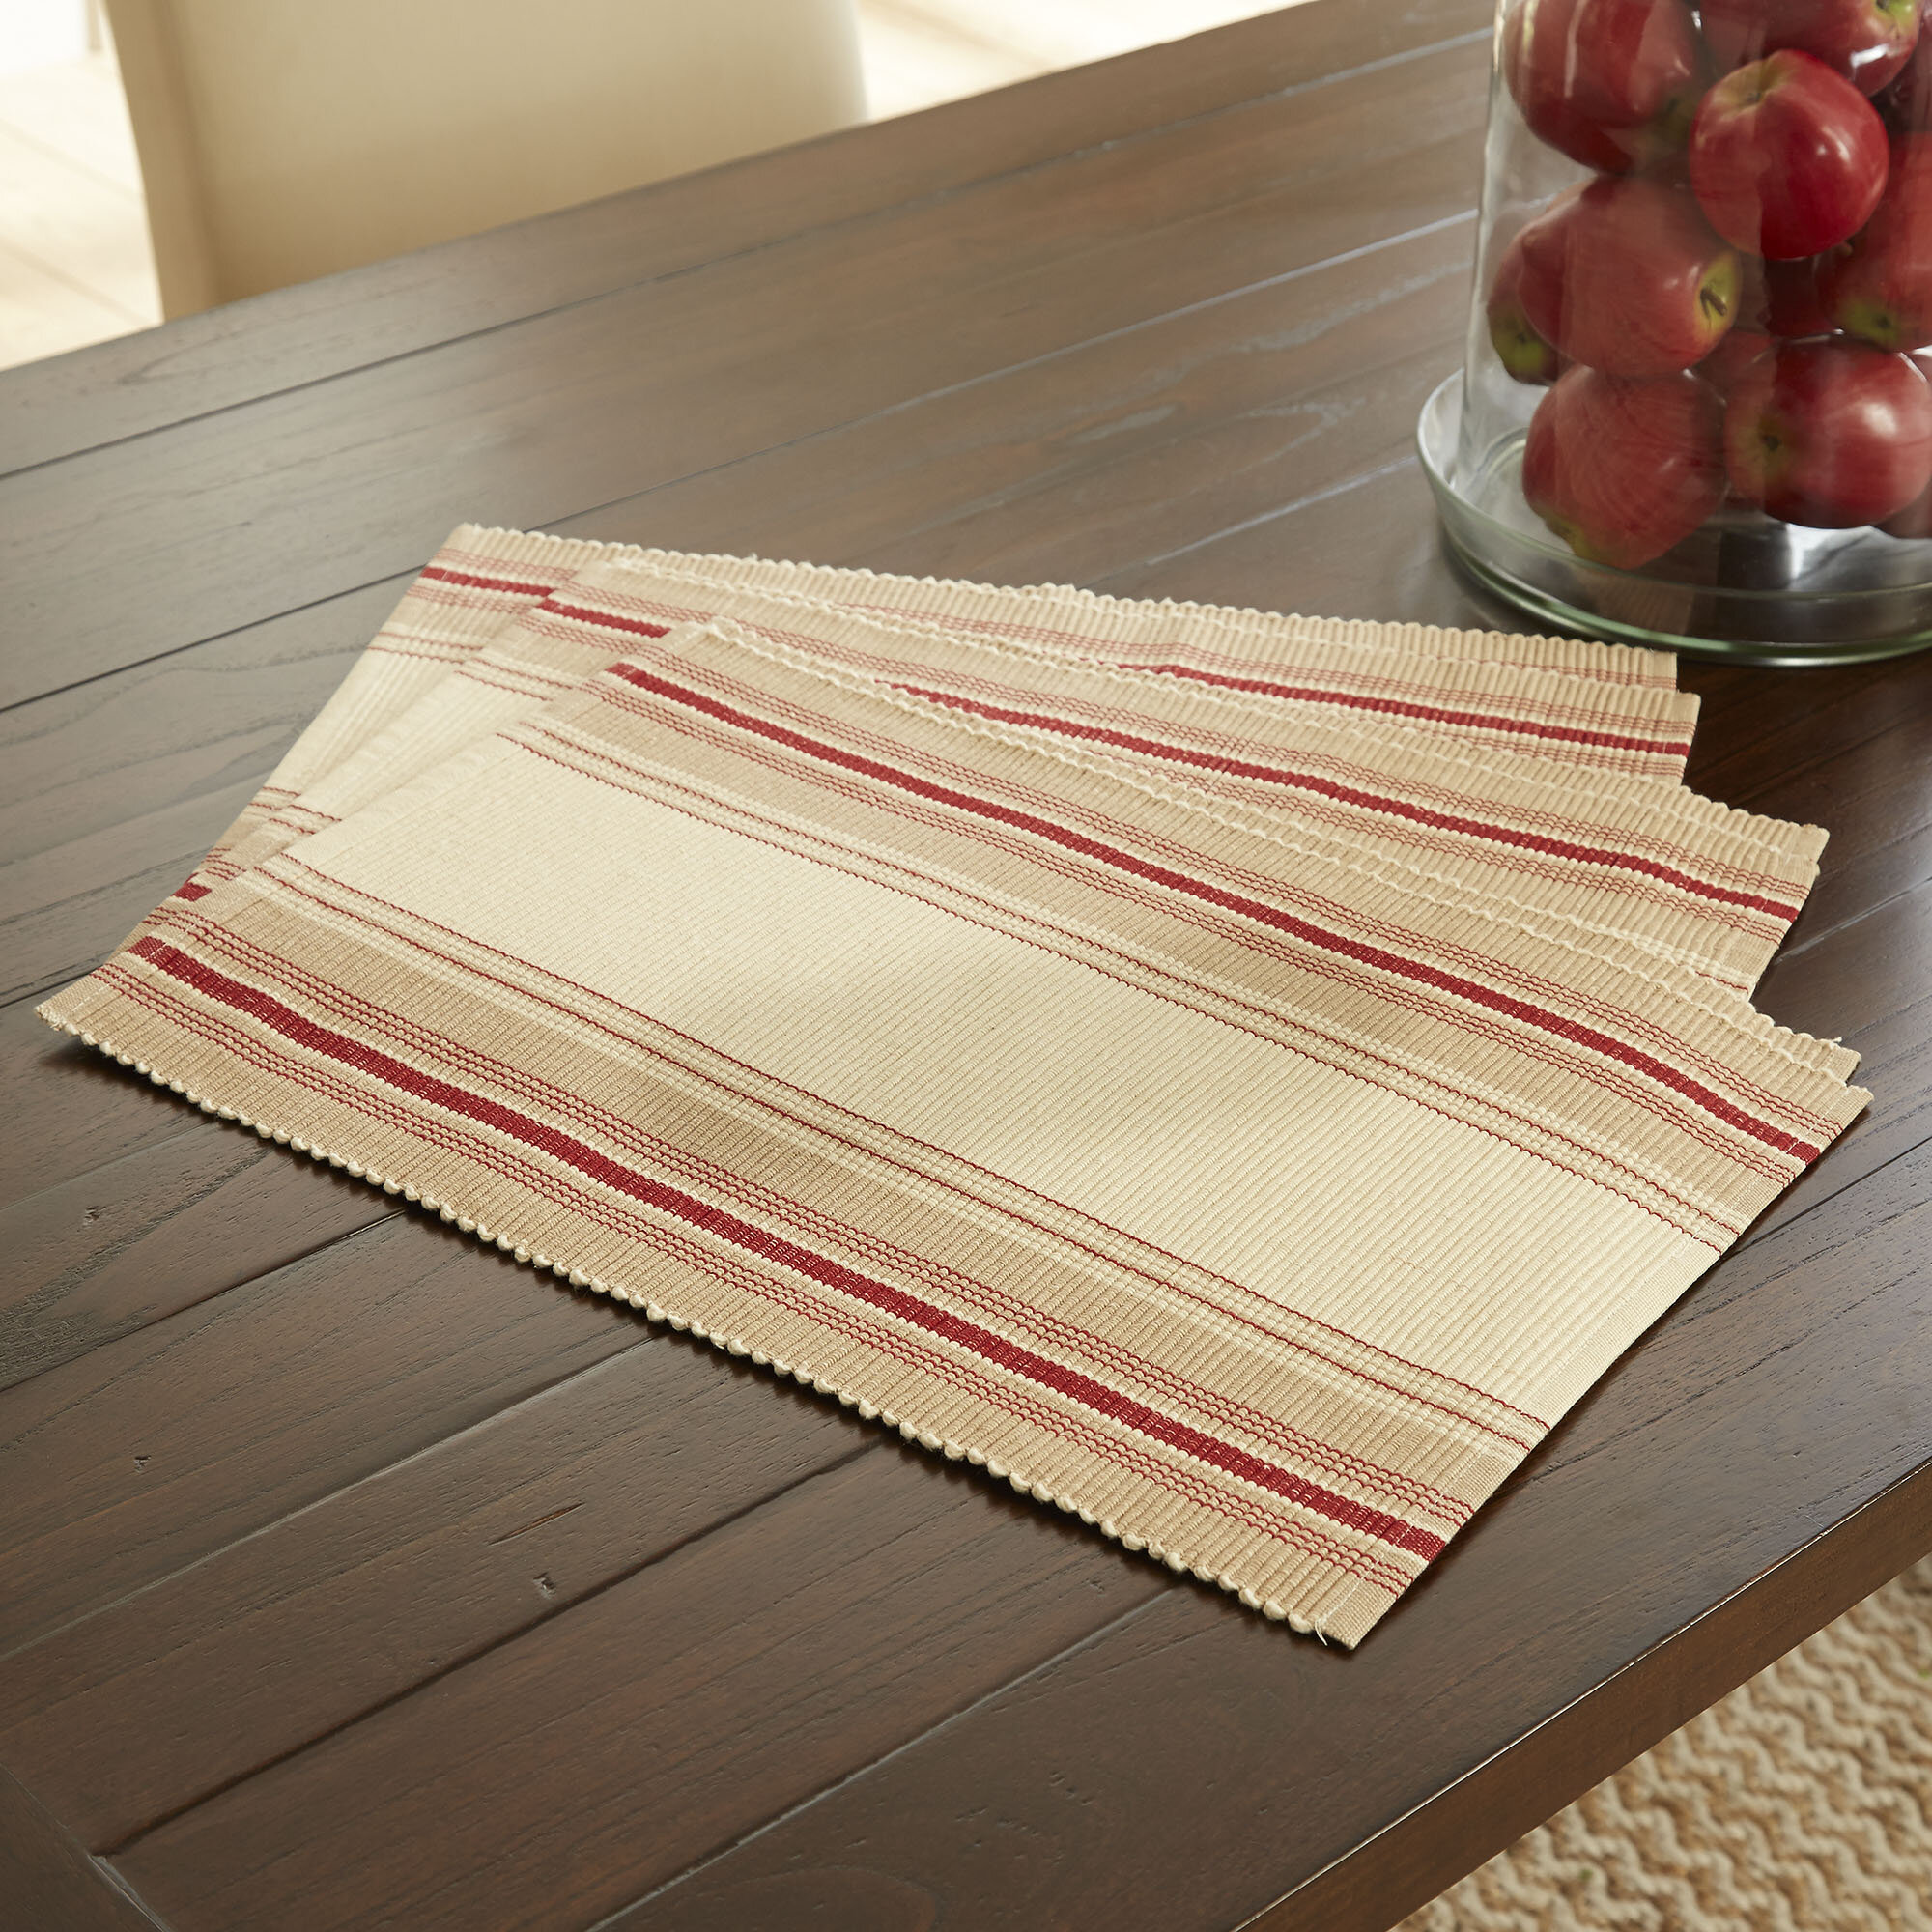 Picture of: Beavercreek Striped 19 Cotton Placemat Reviews Birch Lane